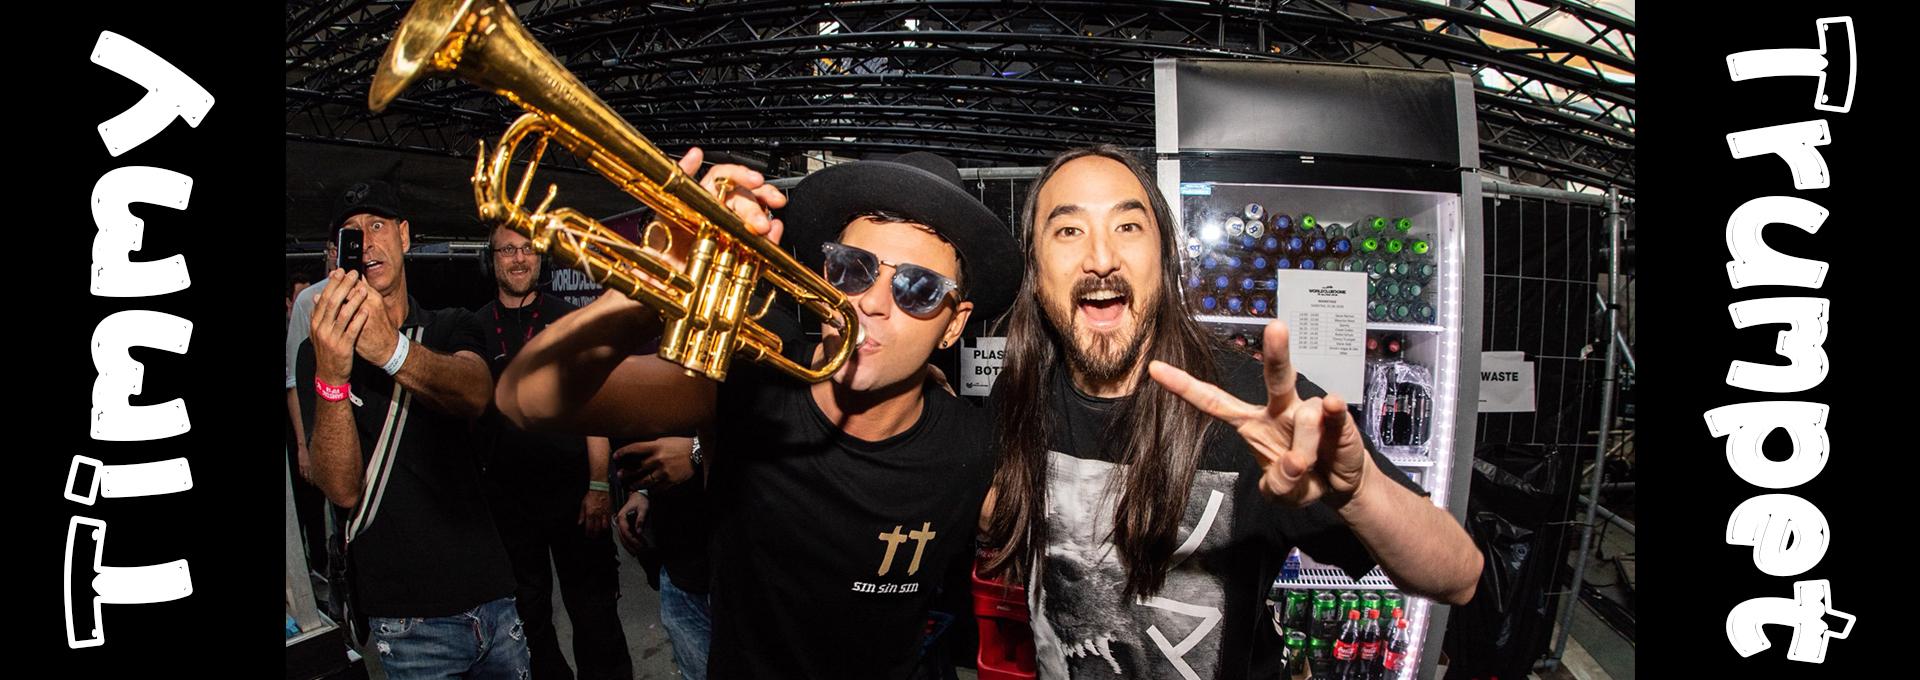 來自澳洲的電音小喇叭『Timmy Trumpet』熱門舞曲